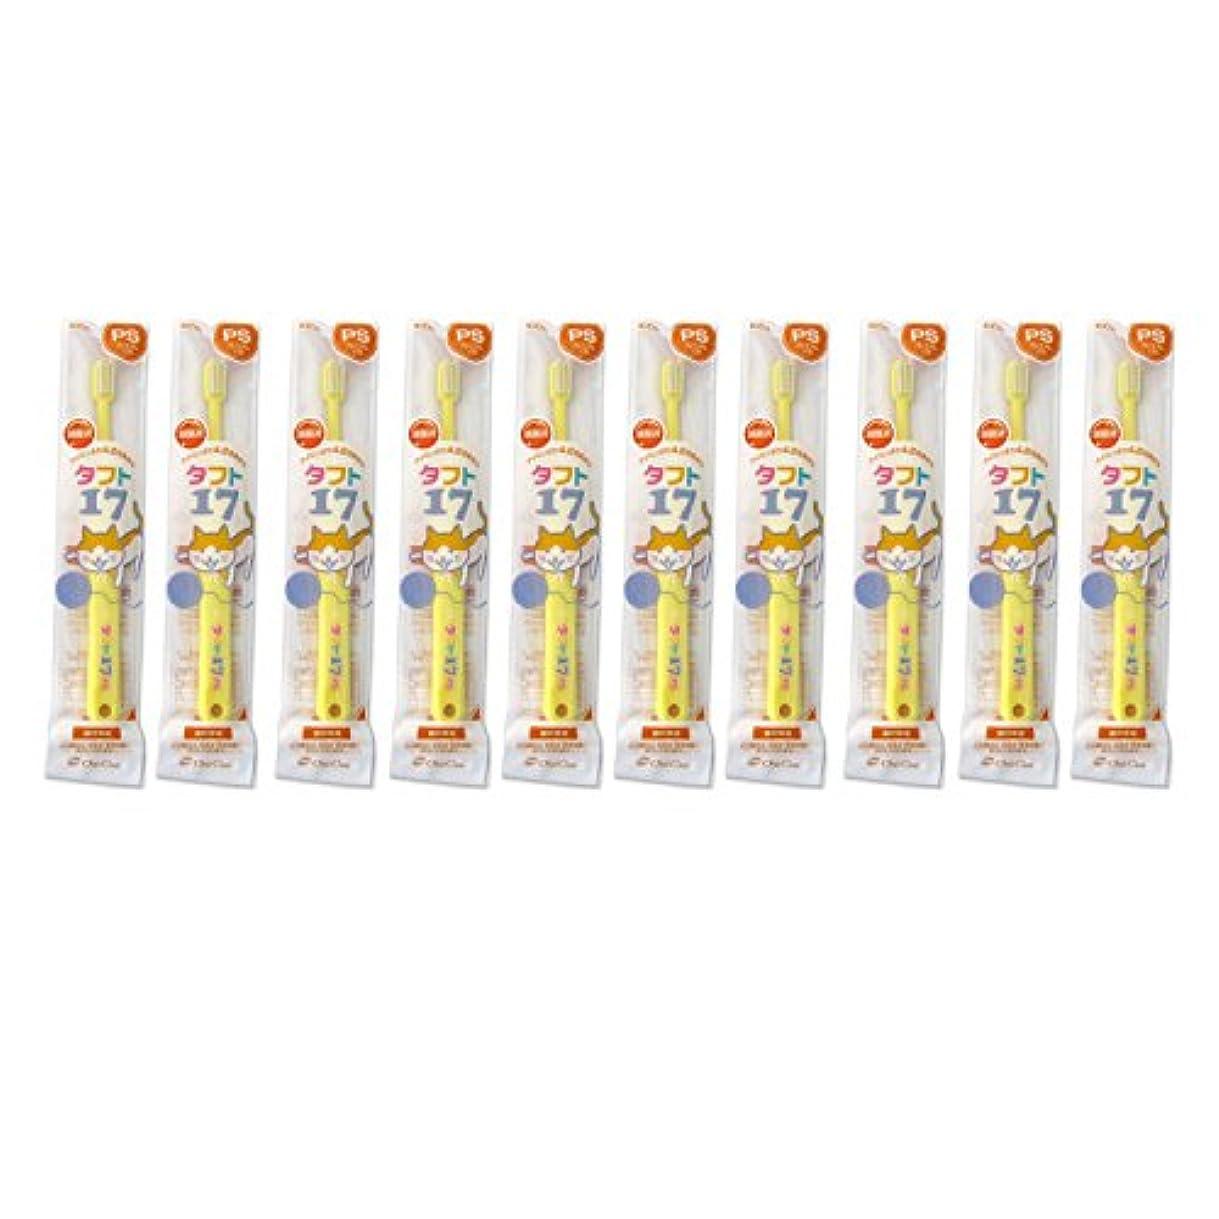 スカウトリングレットいちゃつくタフト17 10本 オーラルケア タフト17/プレミアムソフト 子供 タフト 乳歯列期(1~7歳)こども歯ブラシ 10本セット イエロー